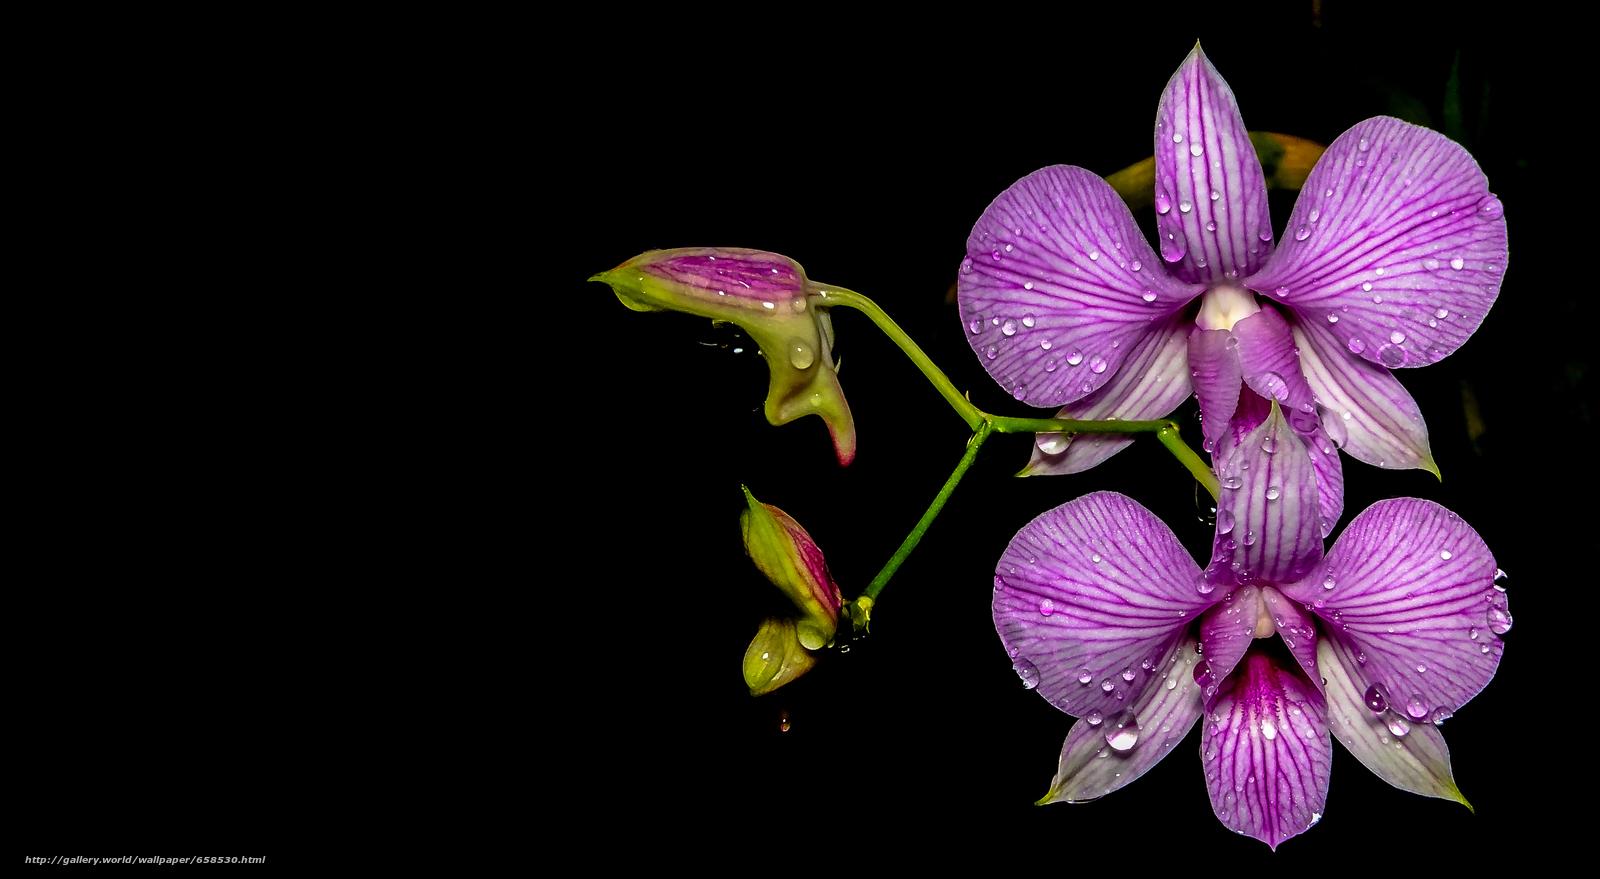 Скачать обои цветок,  цветы,  флора,  орхидея бесплатно для рабочего стола в разрешении 4608x2532 — картинка №658530